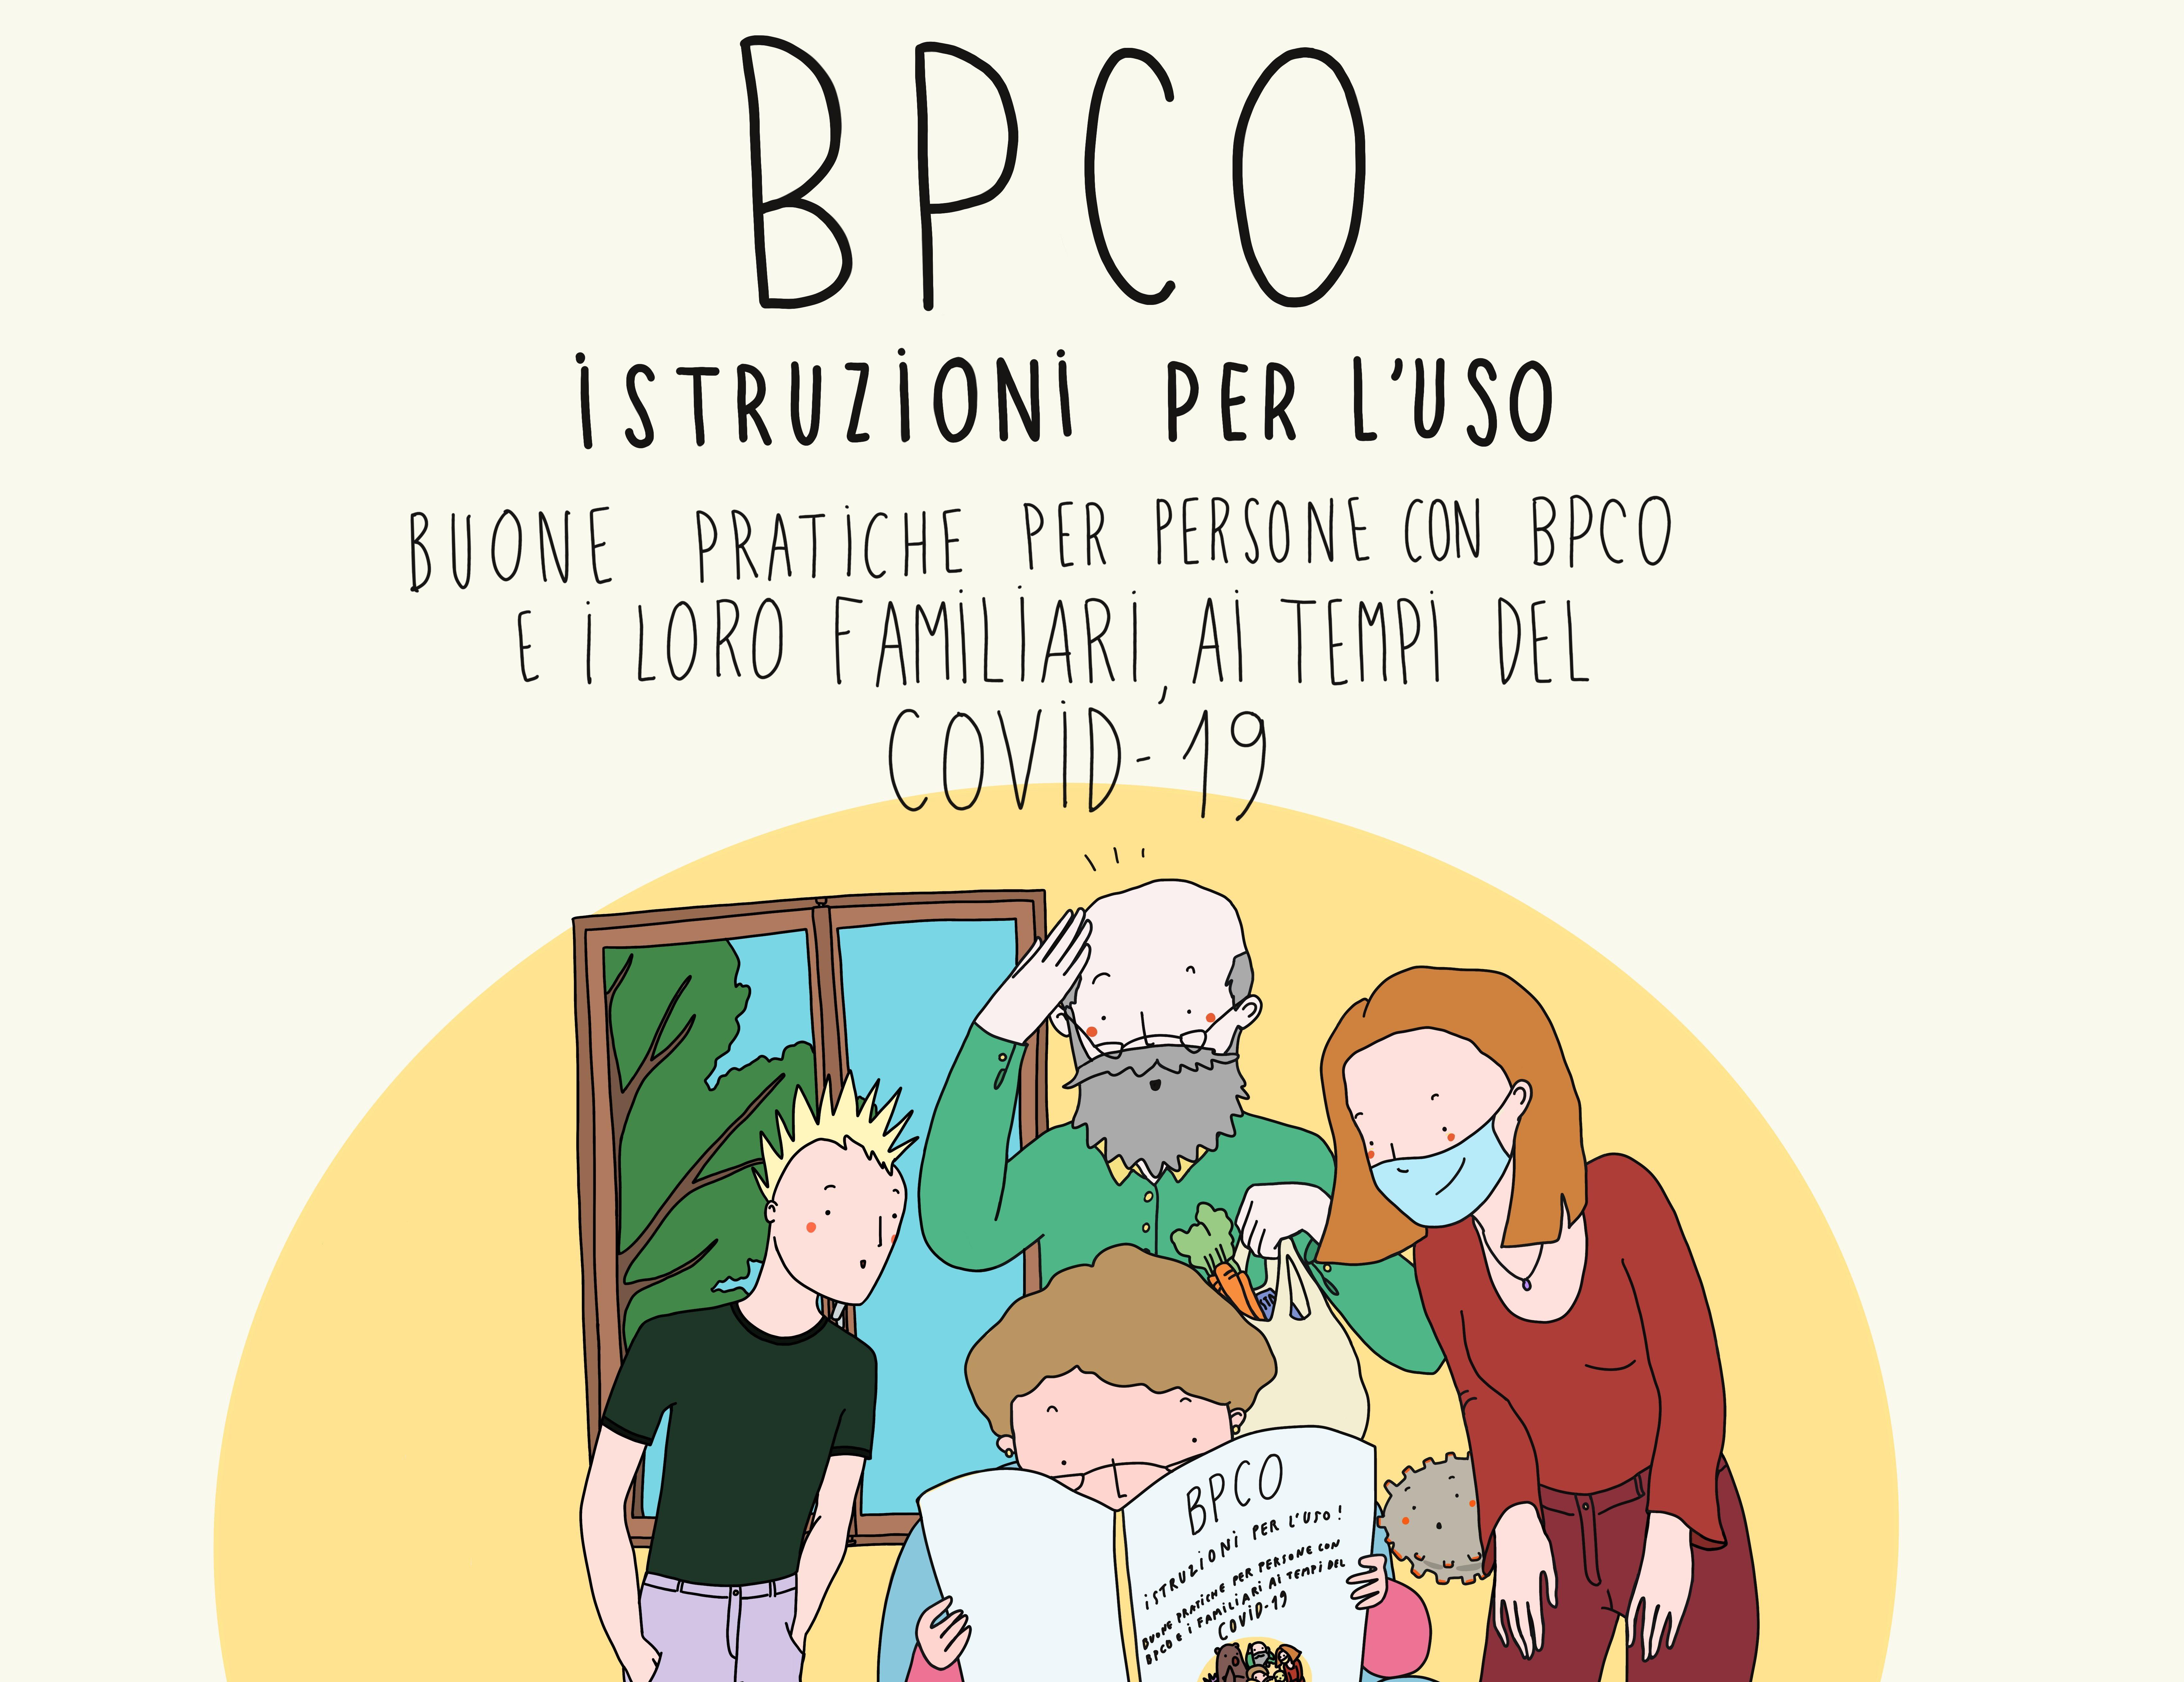 BPCO ISTRUZIONI PER L'USO: BUONE PRATICHE PER PERSONE CON BPCO E I LORO FAMILIARI AI TEMPI DEL COVID-19